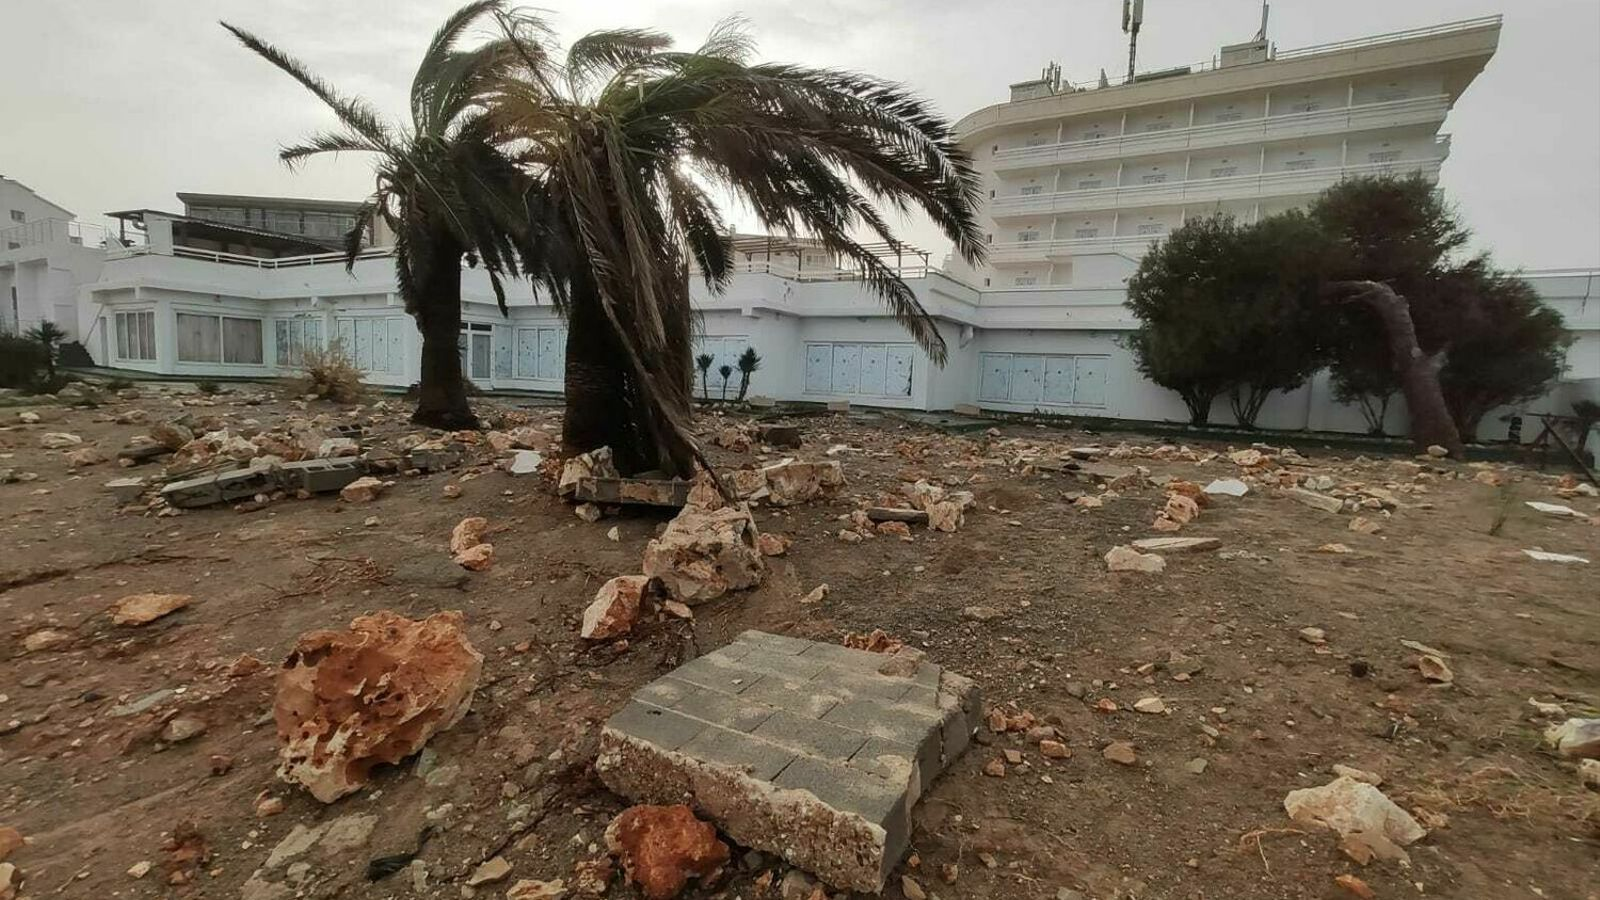 Els municipis afectats han fet arribar la relació de danys i despeses a la Delegació del govern espanyol